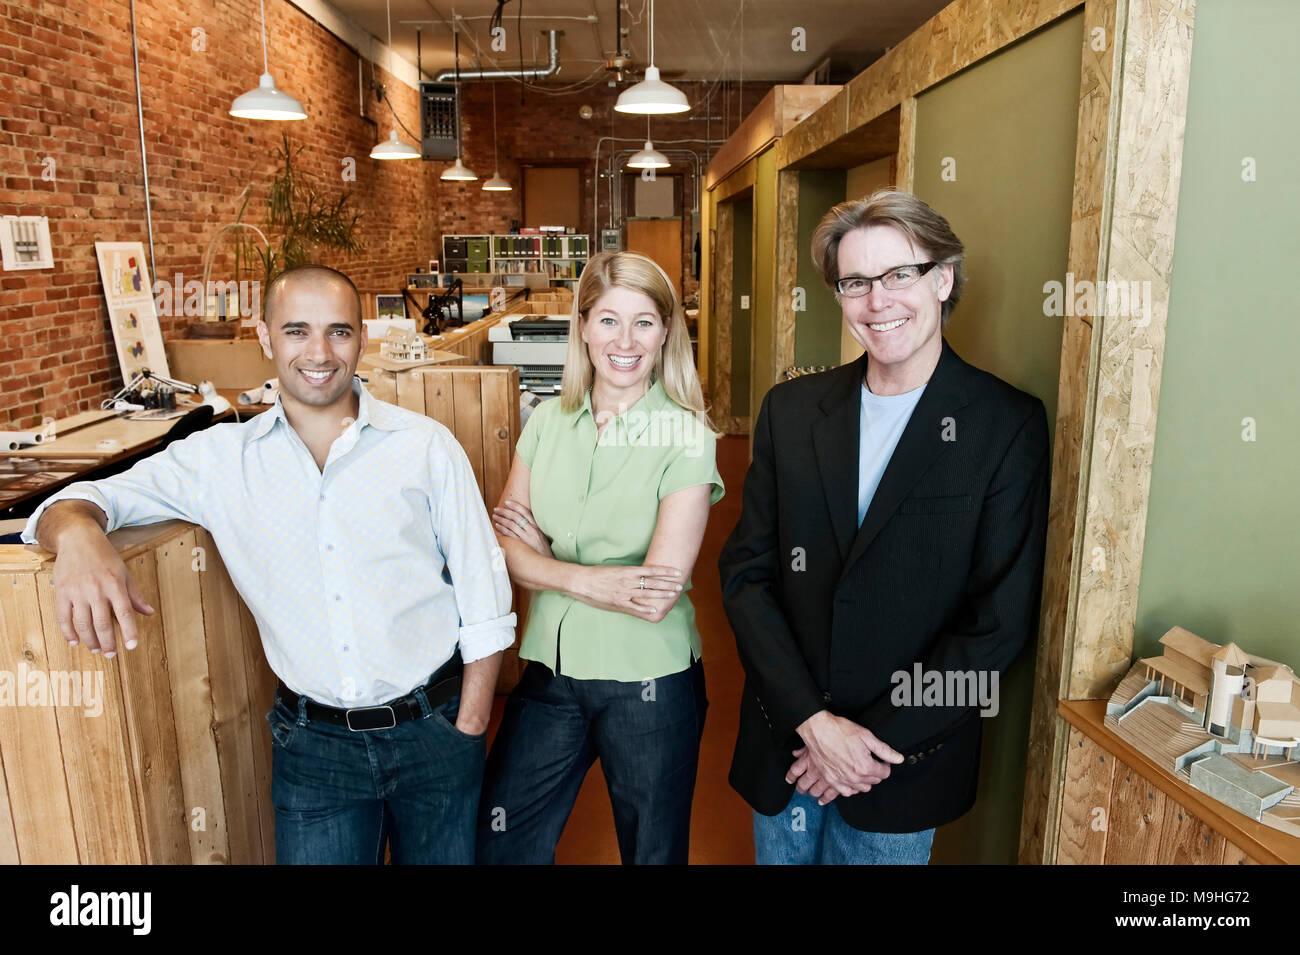 Retrato de un equipo multi-étnica de los tres arquitectos de una pequeña oficina. Foto de stock